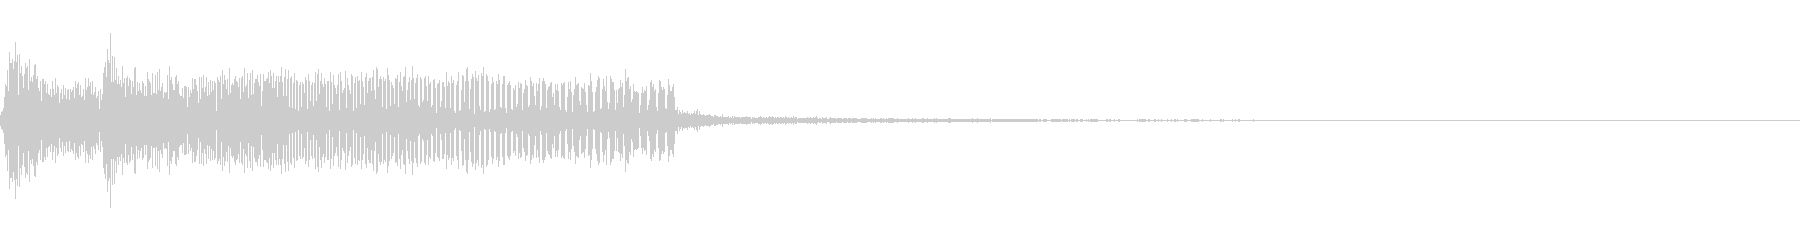 ビープ音ボンクス31の未再生の波形